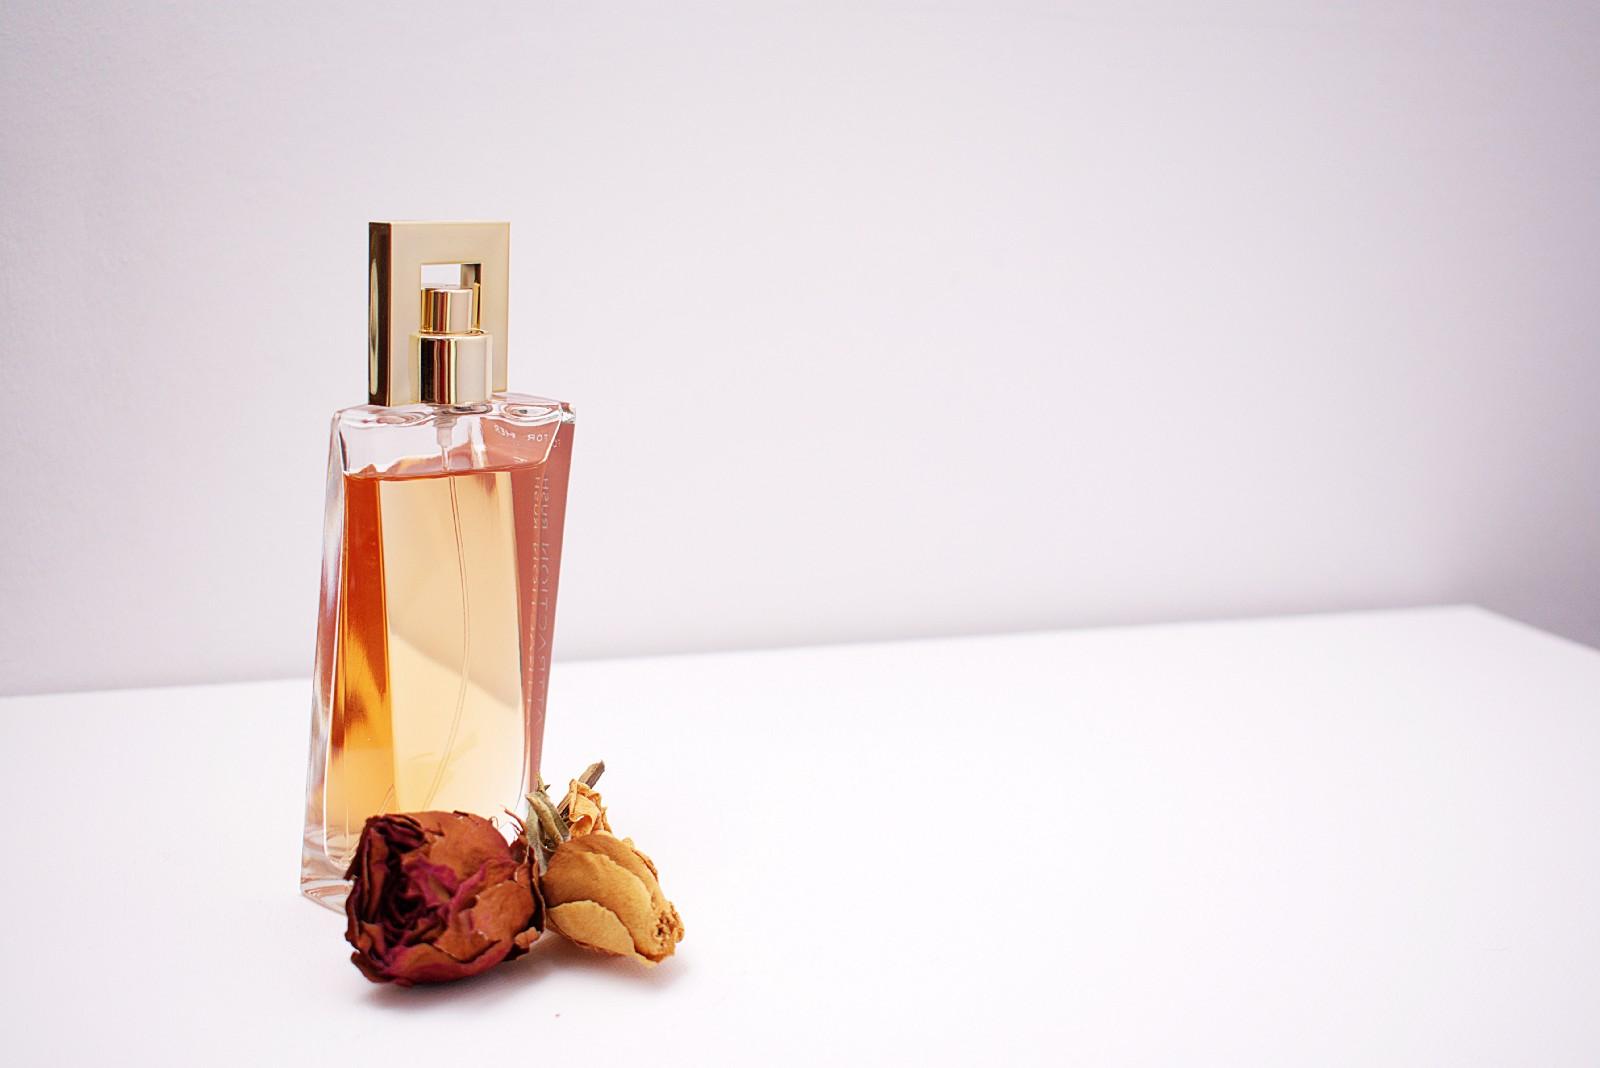 perfume misturado com aroma de vagina